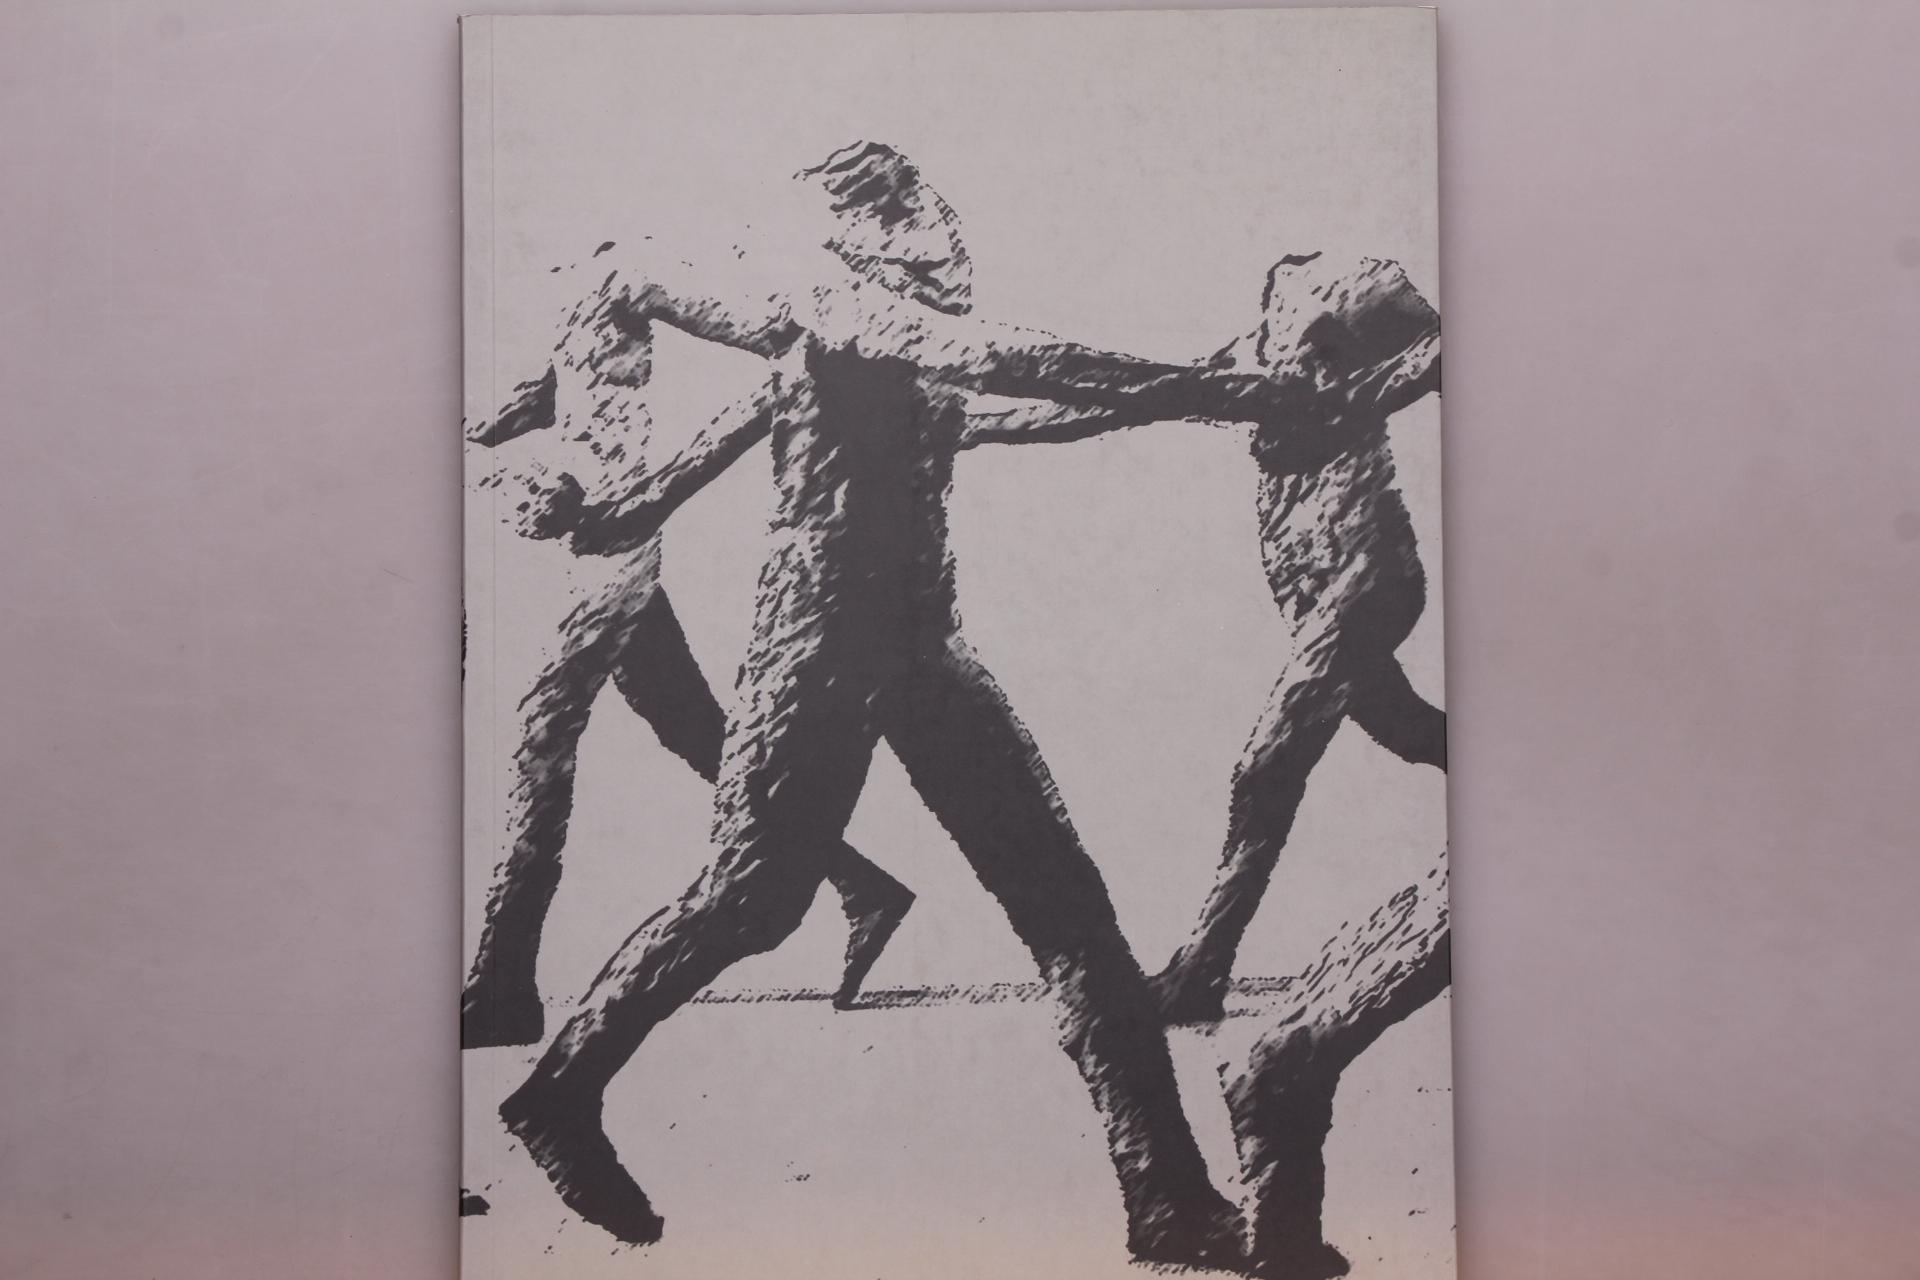 MAGDALENA ABAKANOWICZ - TANZENDE UND SCHREITENDE. - Hrsg.]: Beck & Eggeling